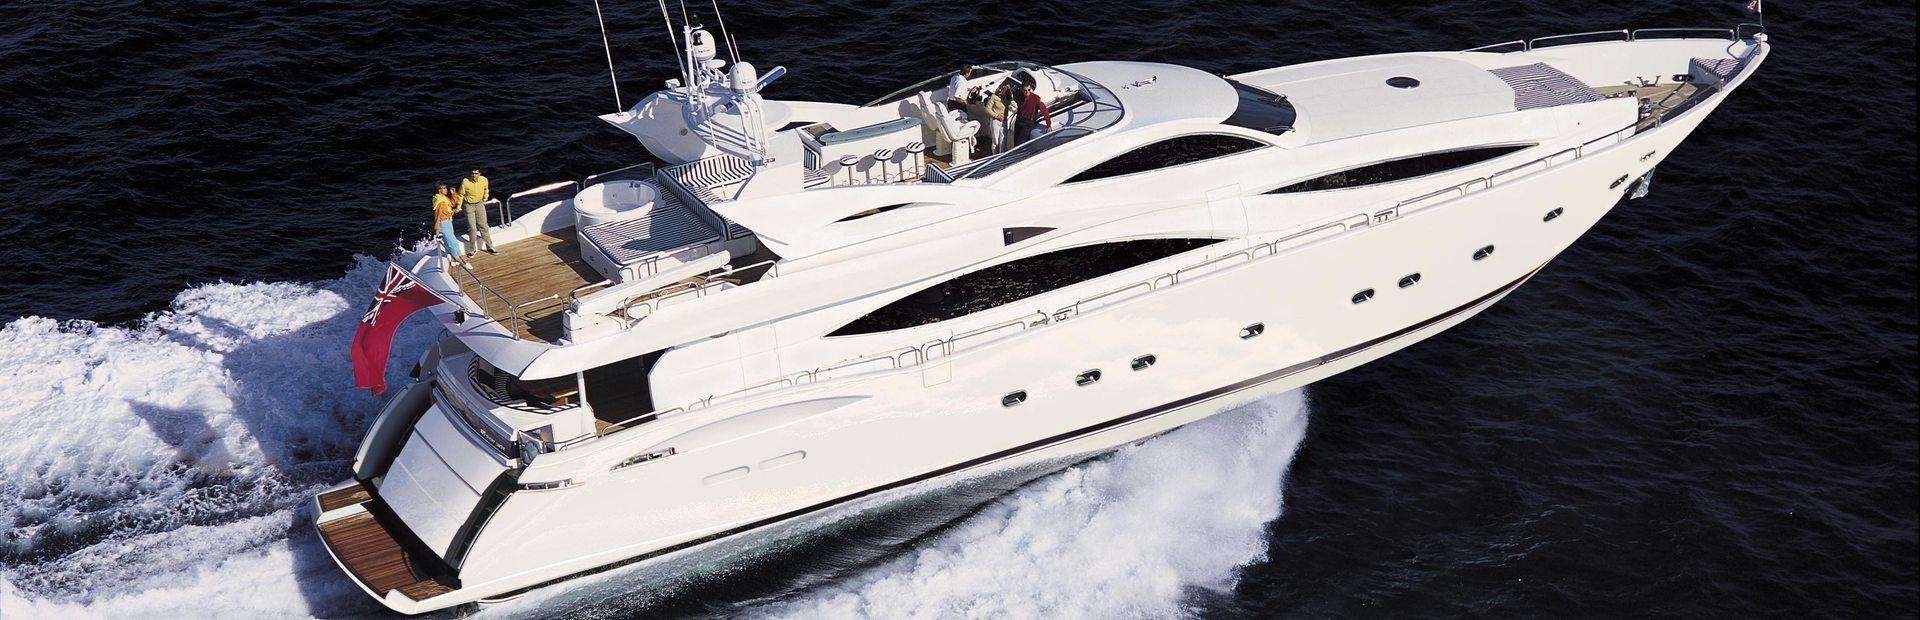 105 Yacht Yacht Charter